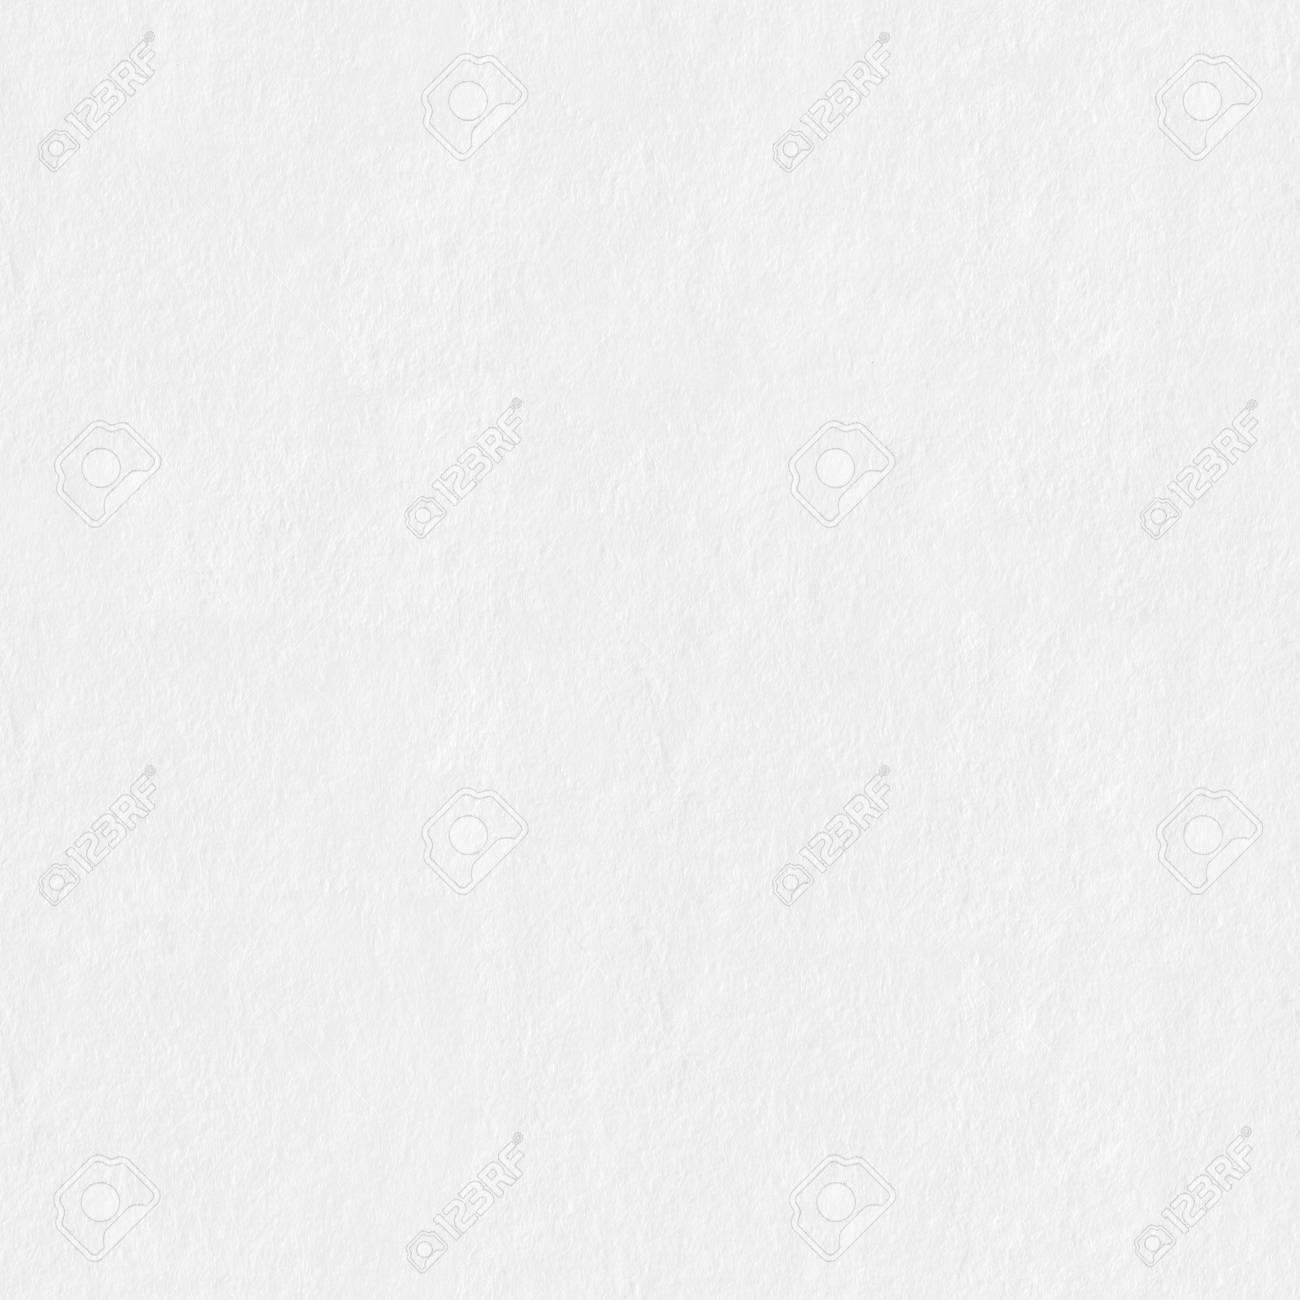 texture du papier blanc ou arriere plan texture carree sans soudure carrelage pret banque d images et photos libres de droits image 57313309